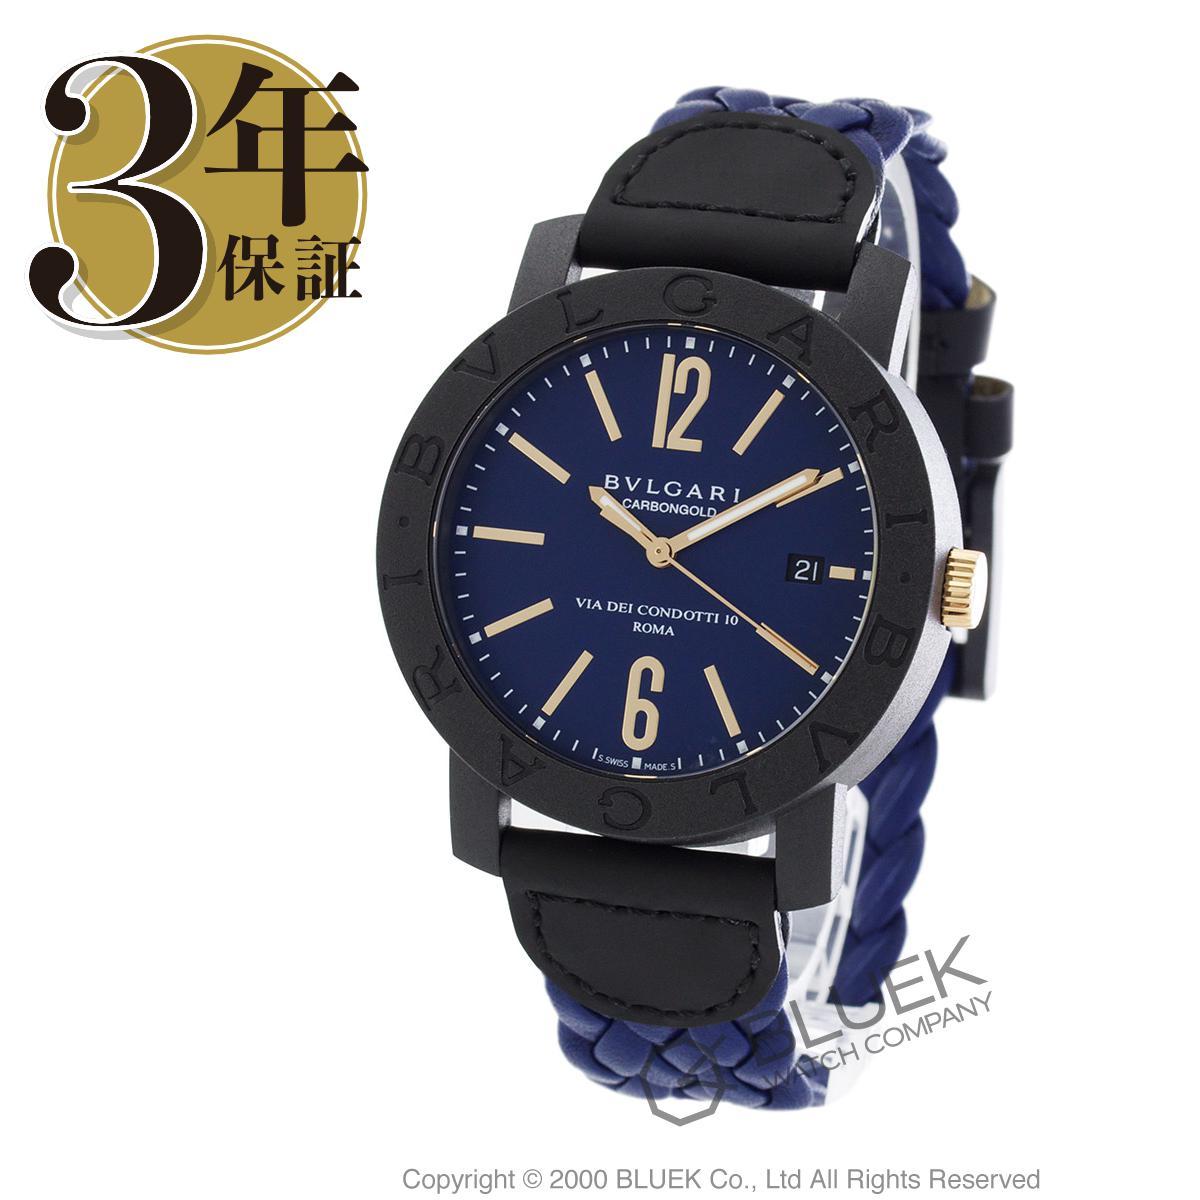 ブルガリ ブルガリブルガリ カーボンゴールド 腕時計 メンズ BVLGARI BBP40C3CGLD_8 バーゲン 成人祝い ギフト プレゼント